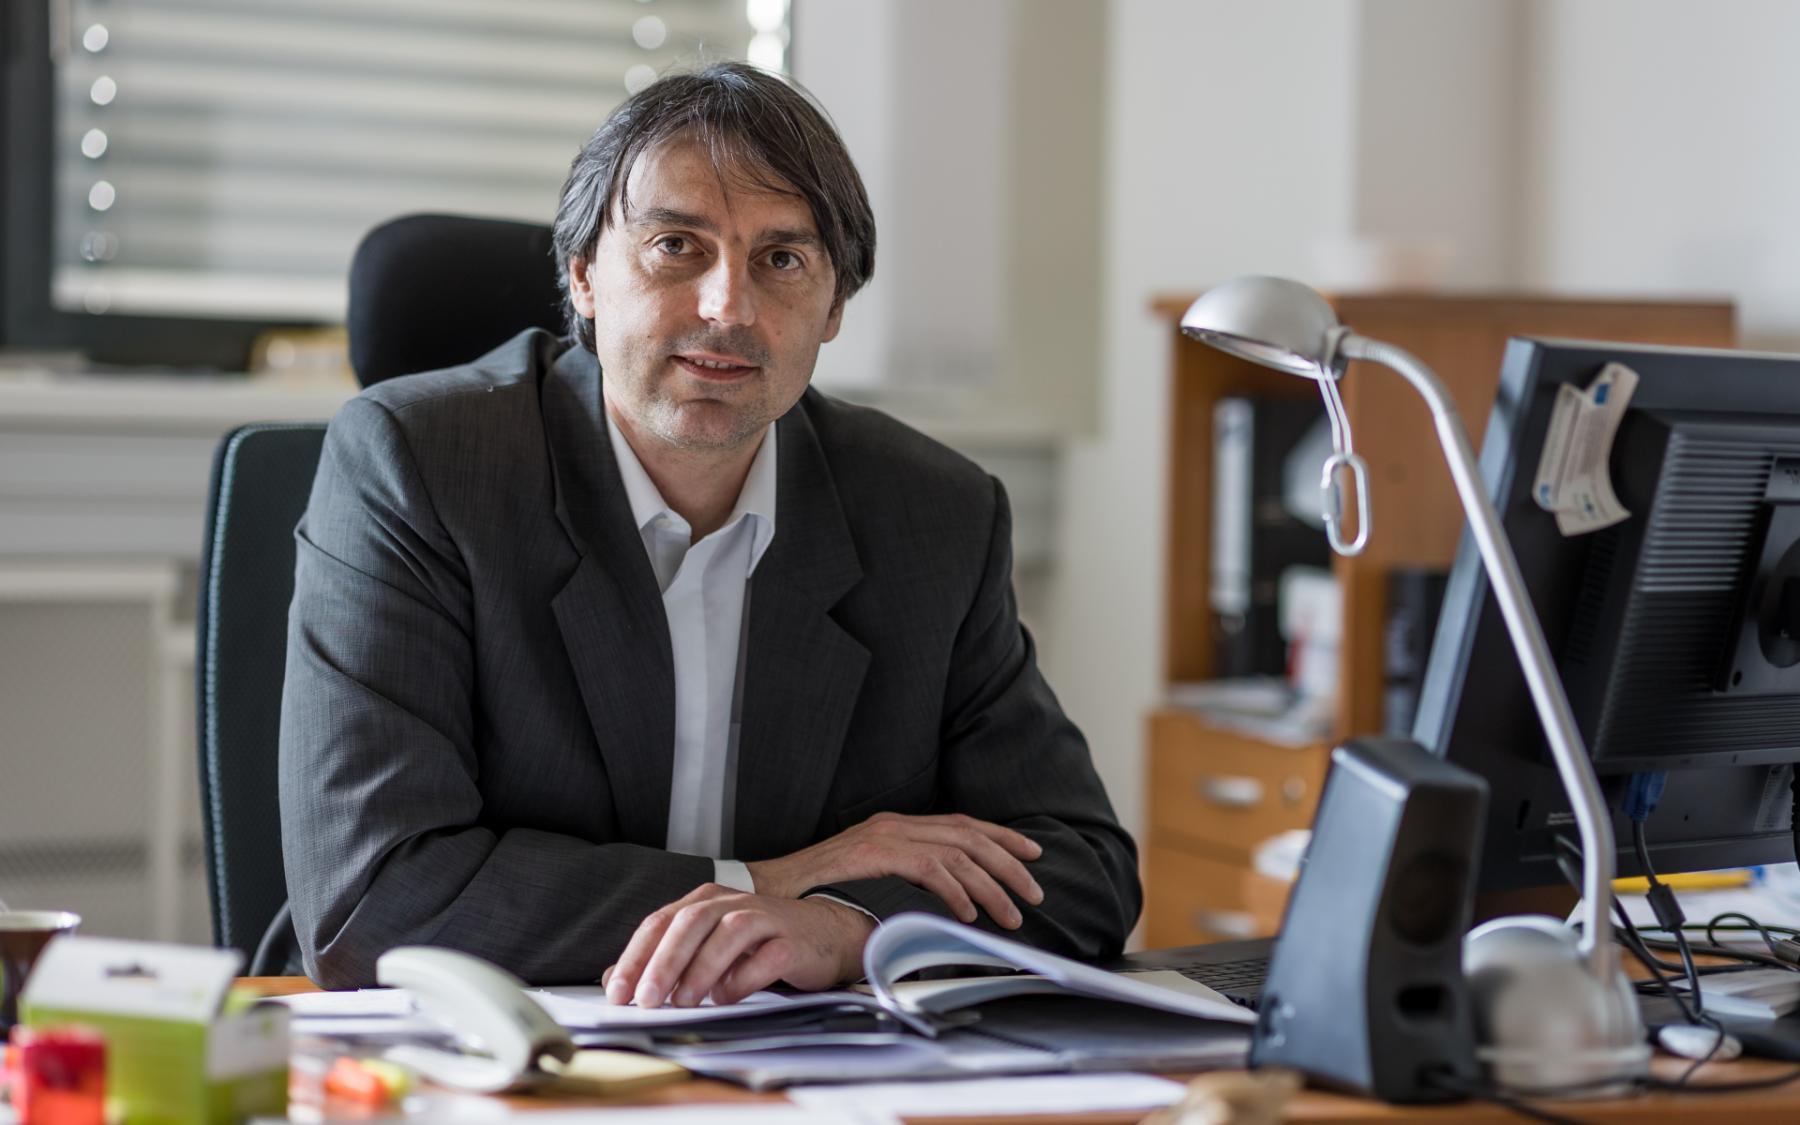 Petr Dobrovský: Globální vlak změn se rozjel. Musíme v něm jet, ne ho neustále dohánět